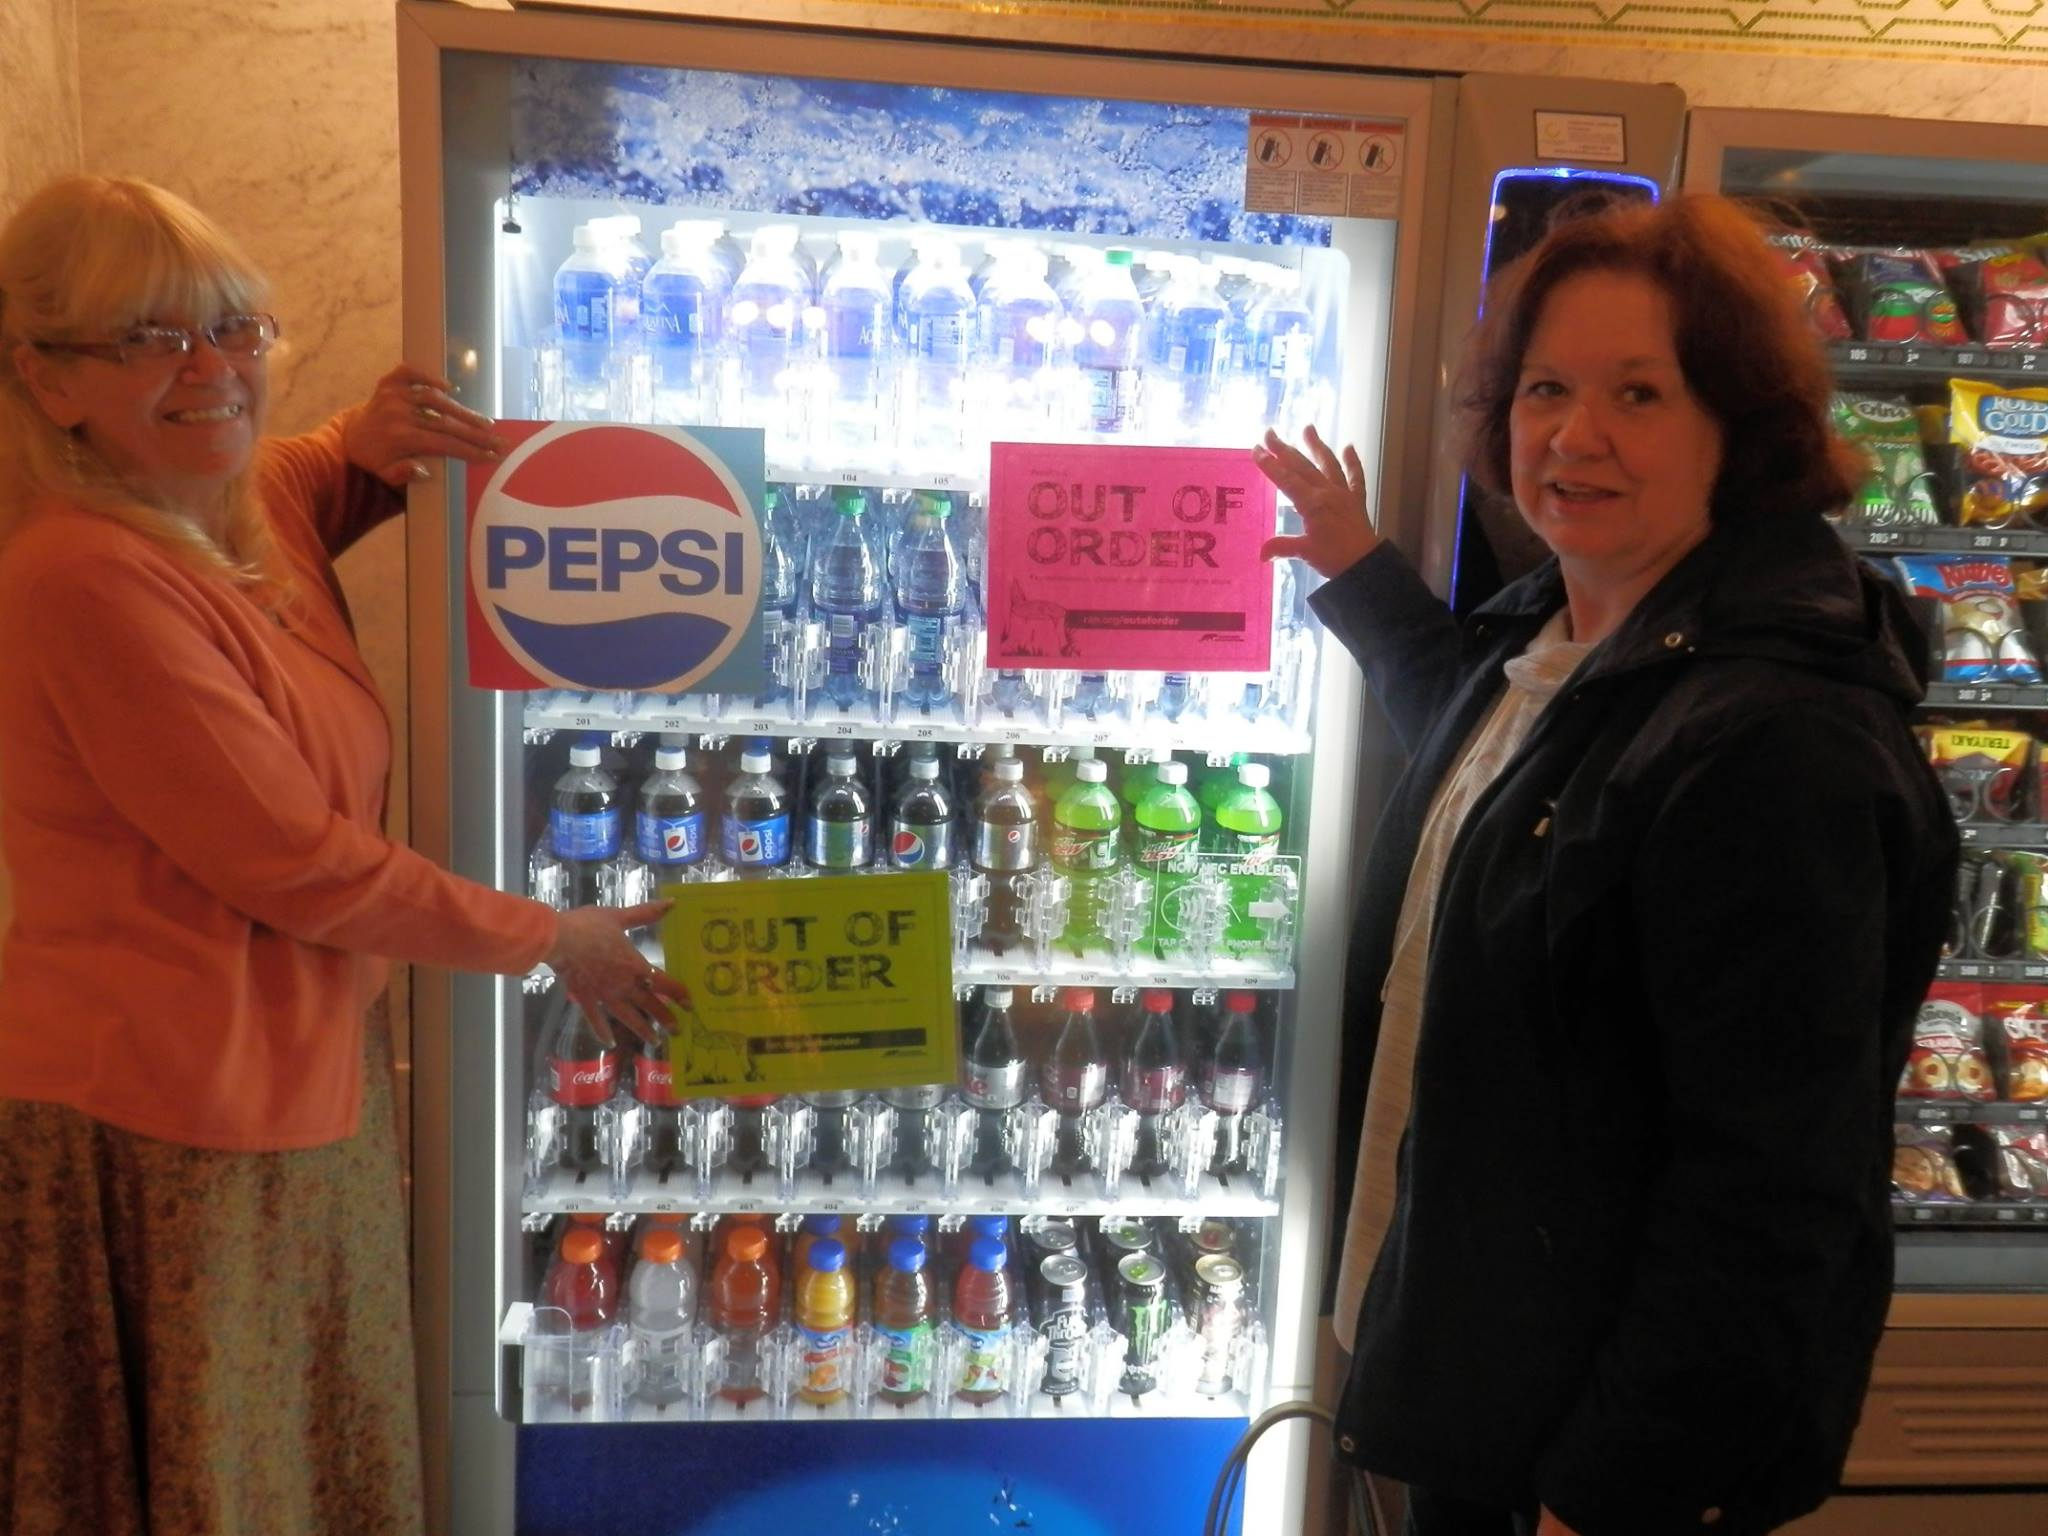 PepsiMachine.jpg